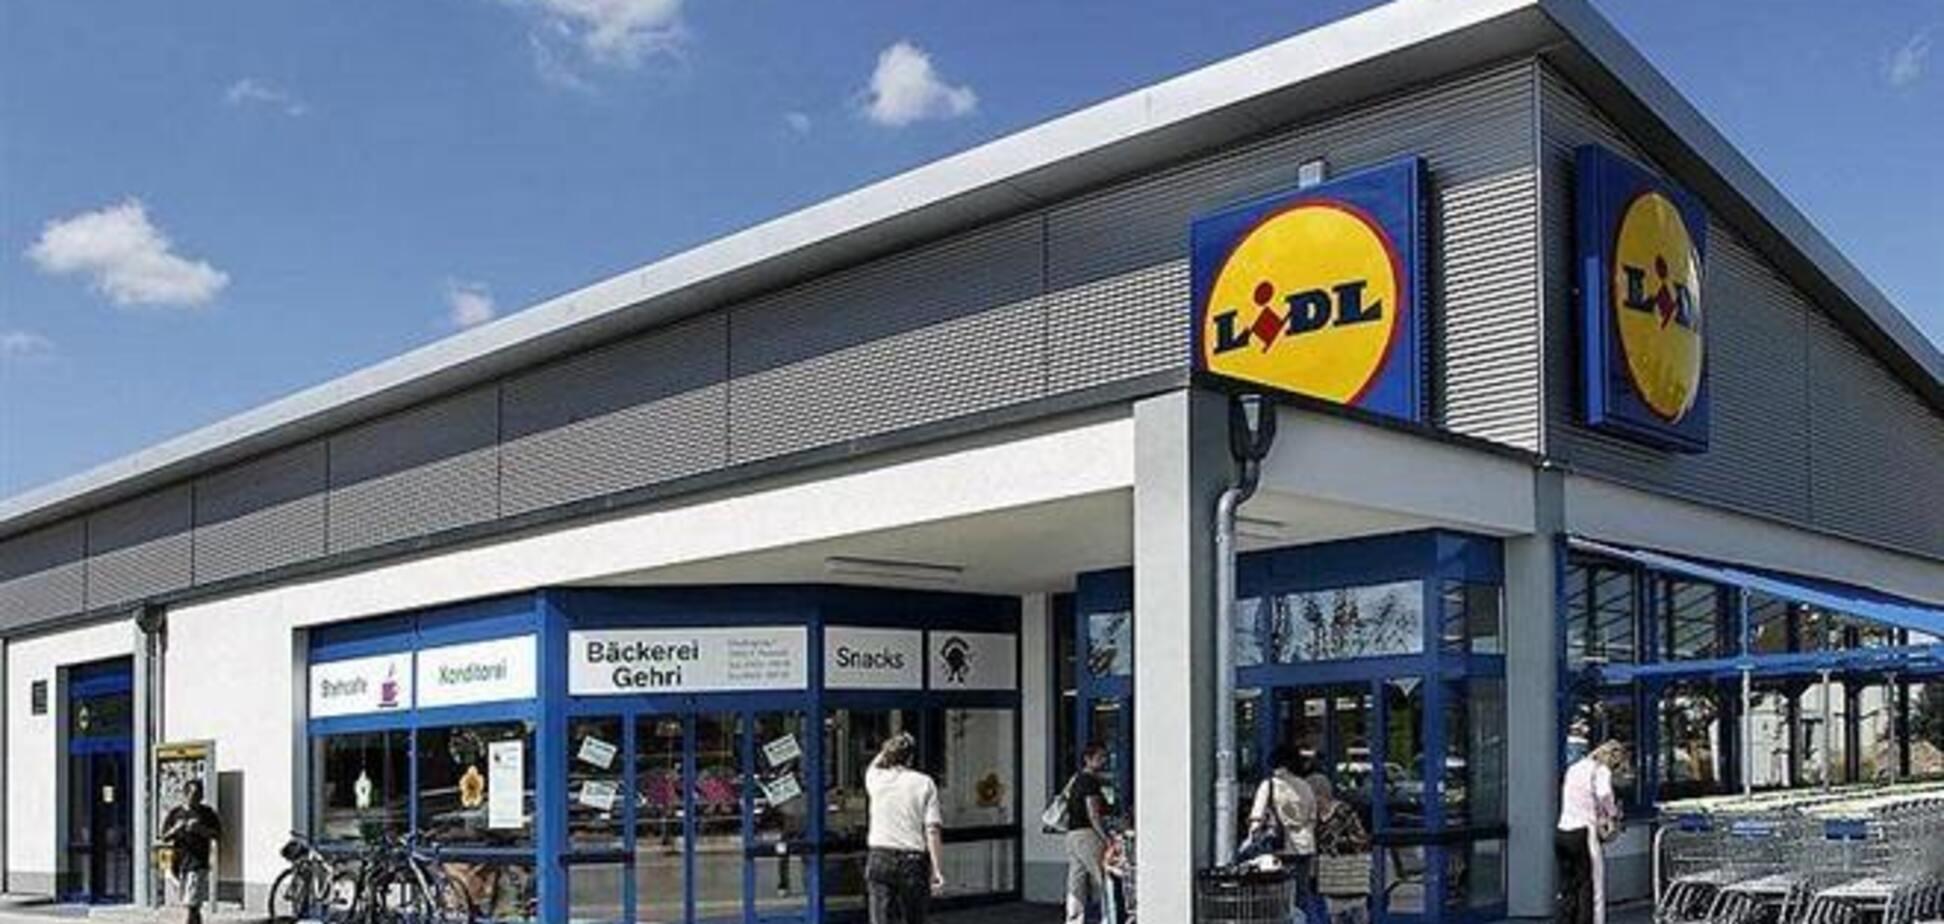 Немецкая сеть дискаунтеров Lidl покупает в Сербии участки для строительства супермаркетов